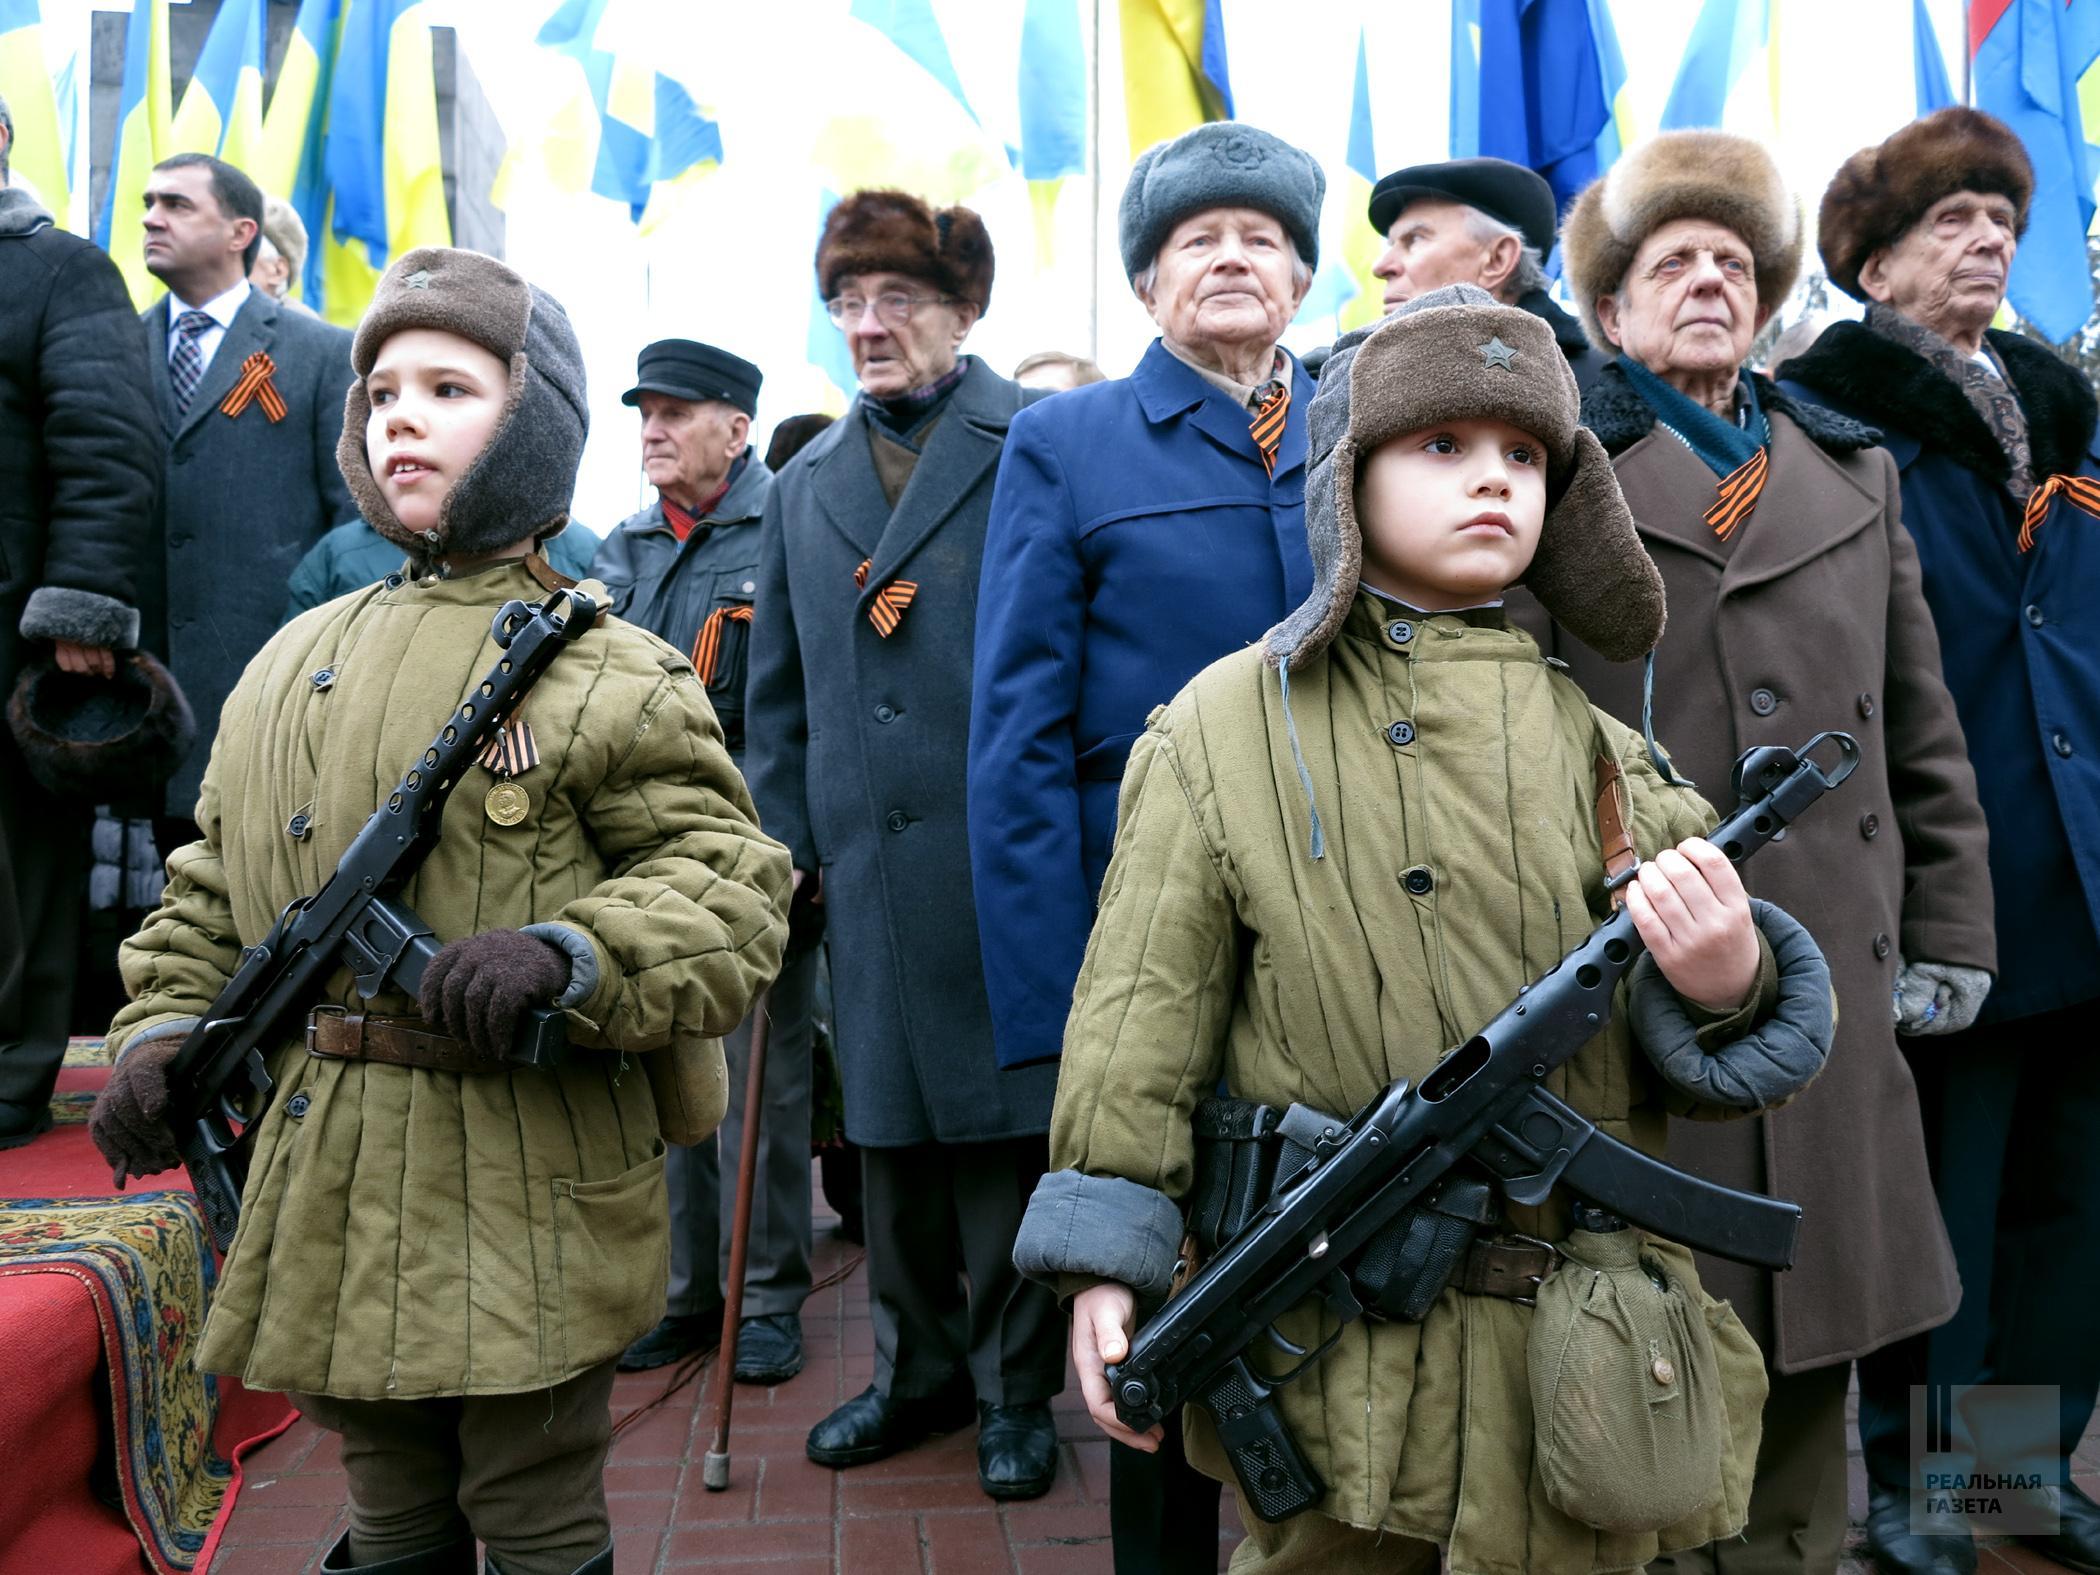 Парад в честь освобождения Луганска 14 февраля 2013 года